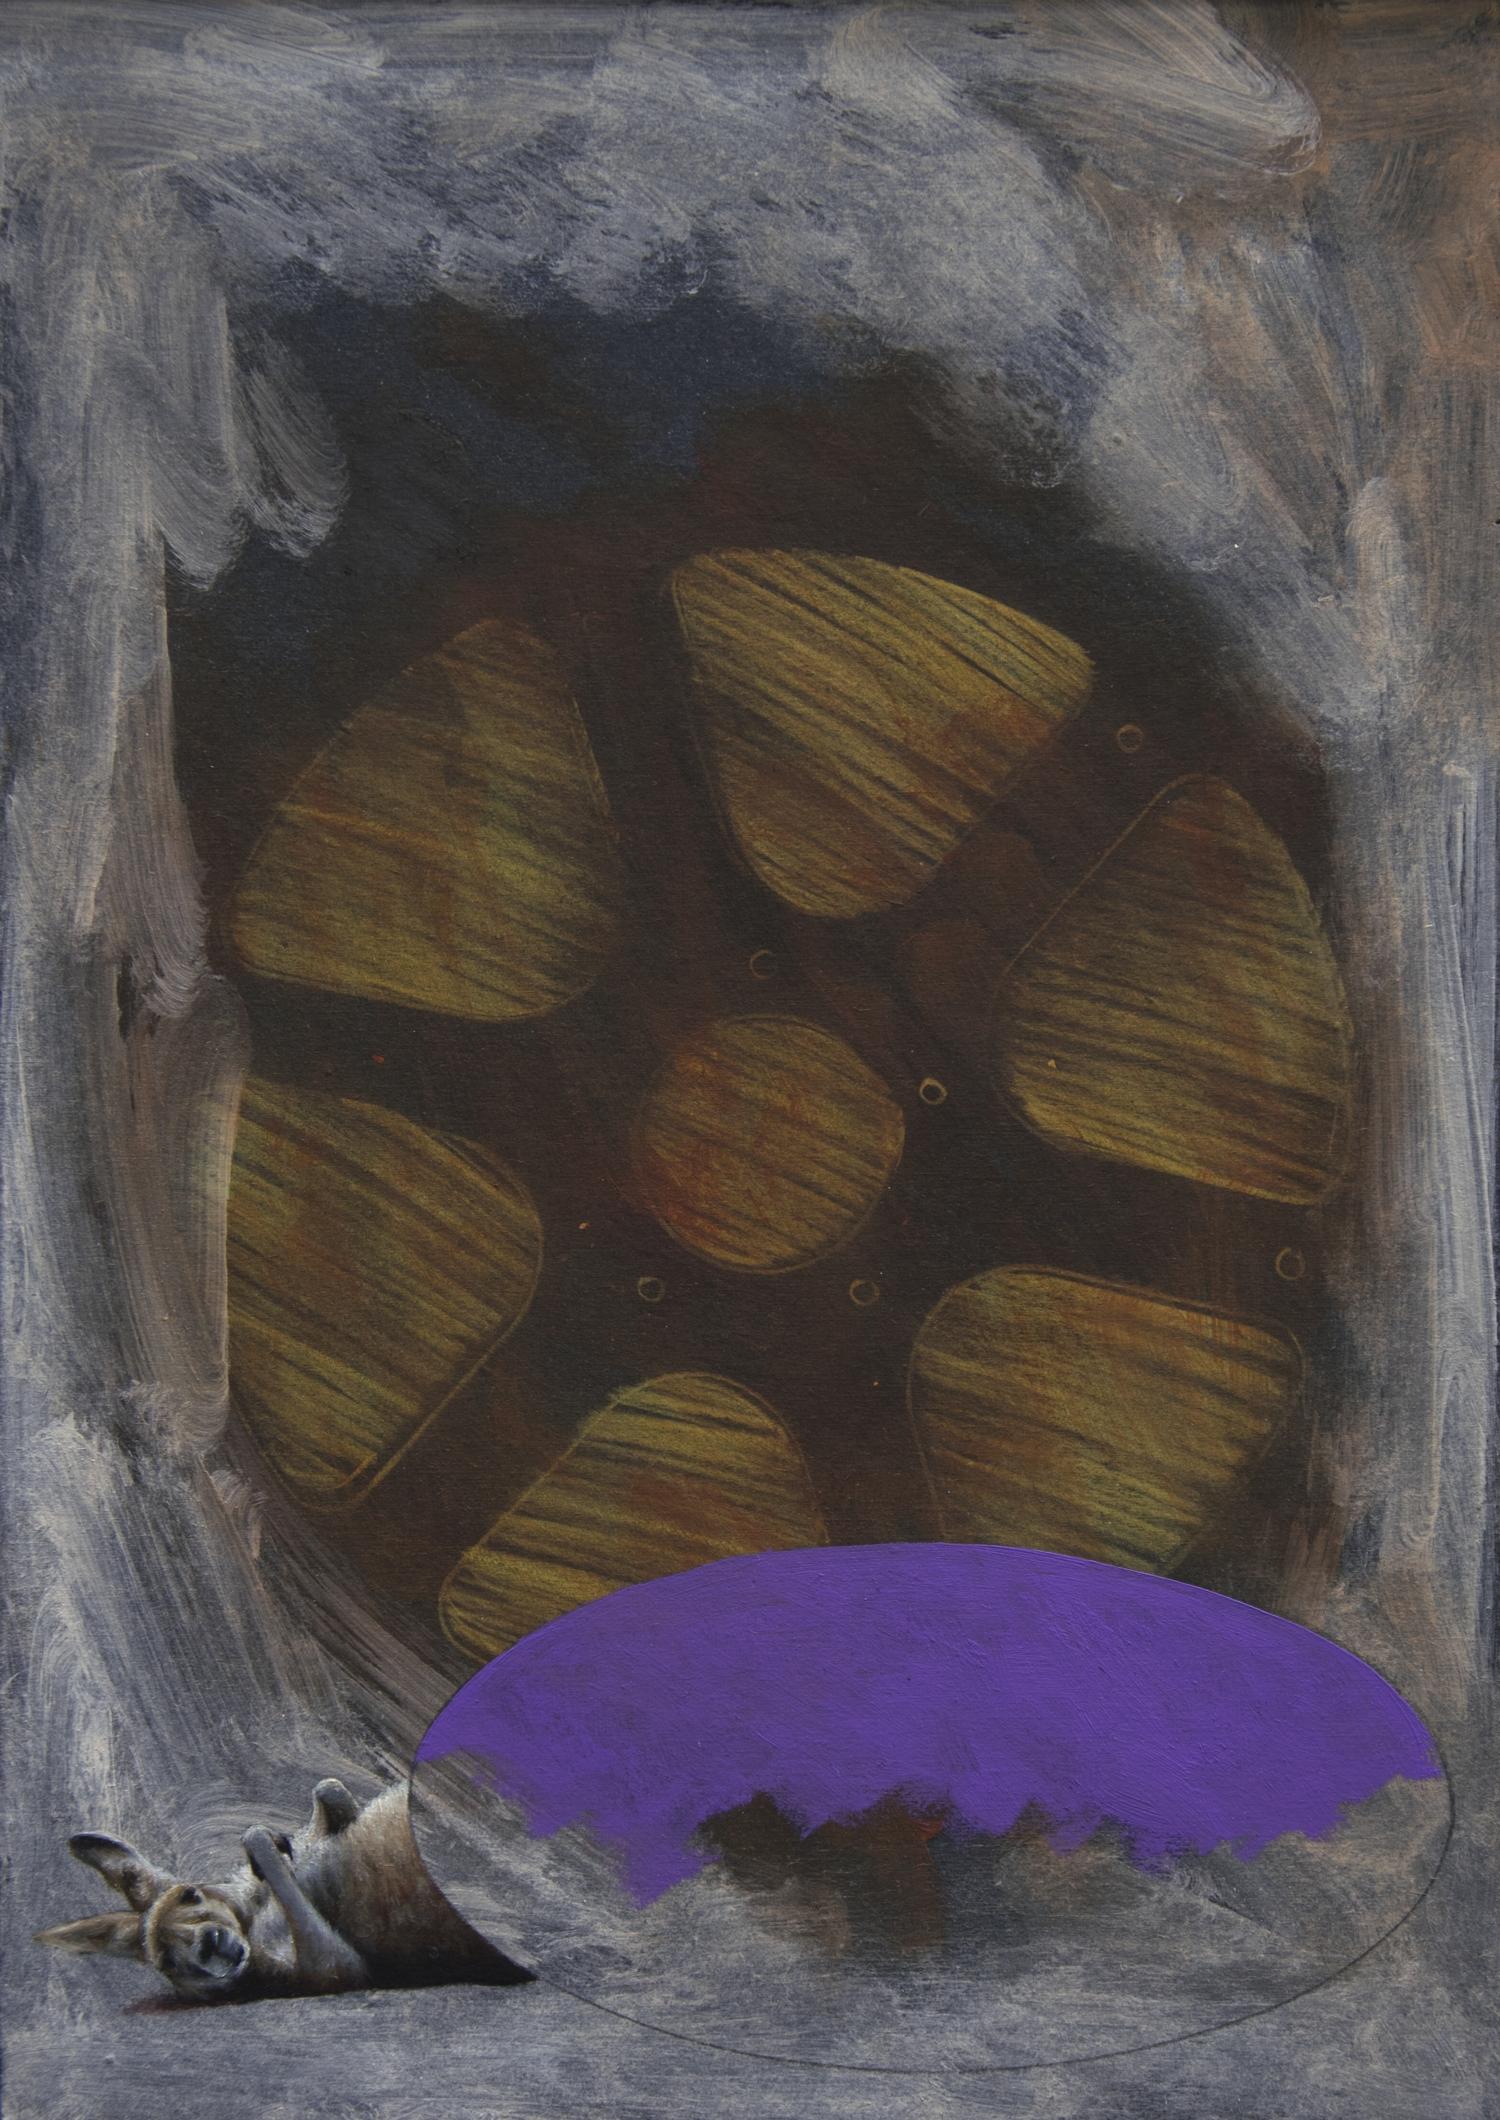 aus der Serie BBP  2014, 29,7 × 21 cm, Öl und Farbstift auf Buchbinderkarton